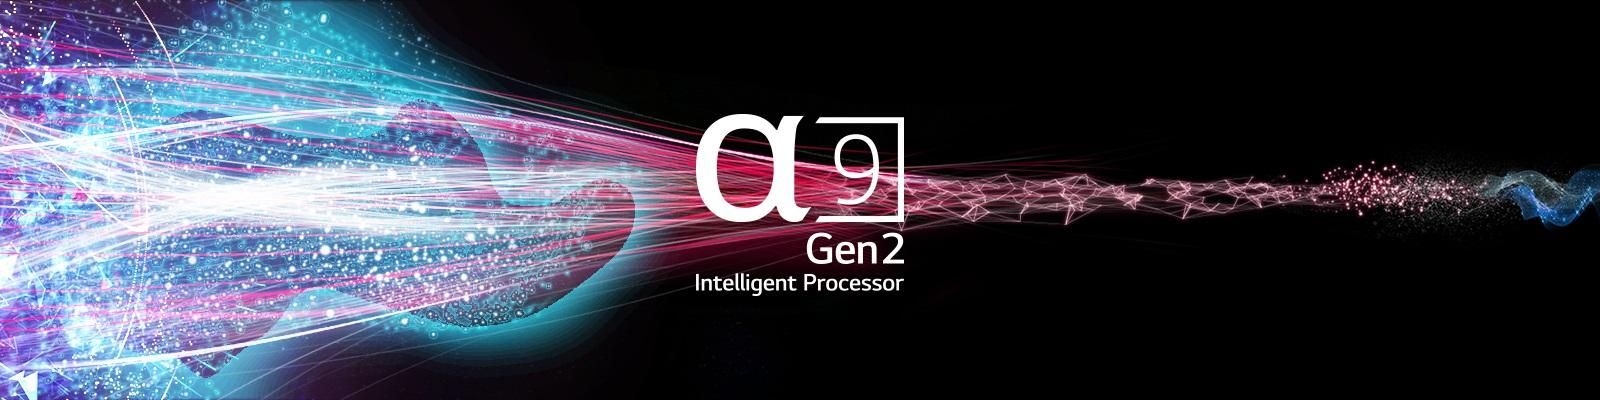 LG α9 gen II